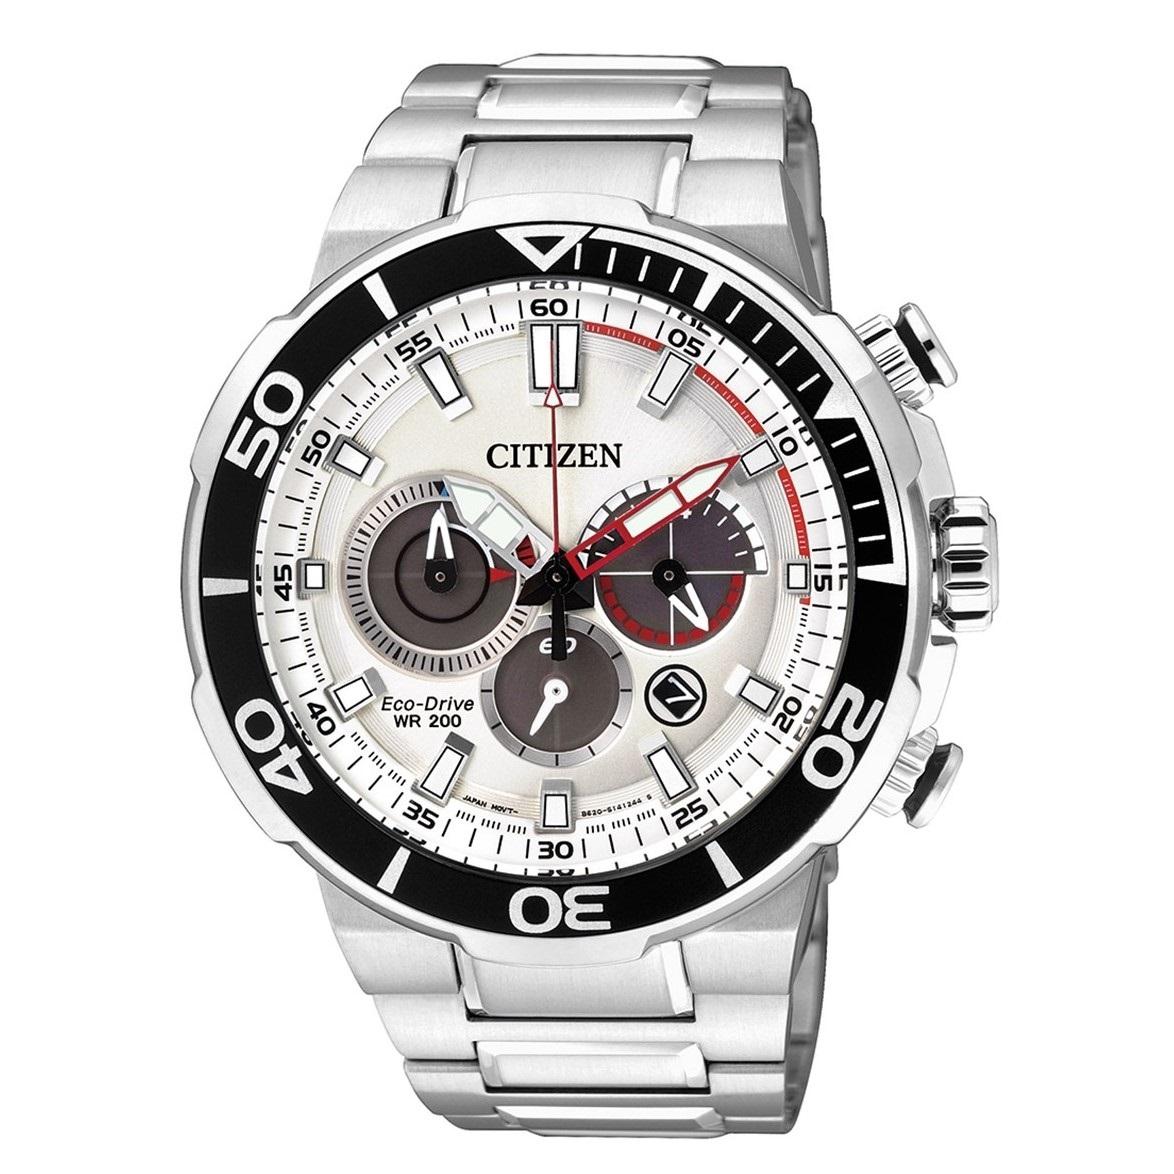 ساعت مچی عقربه ای مردانه سیتی زن مدل CA4250-54A              خرید (⭐️⭐️⭐️)